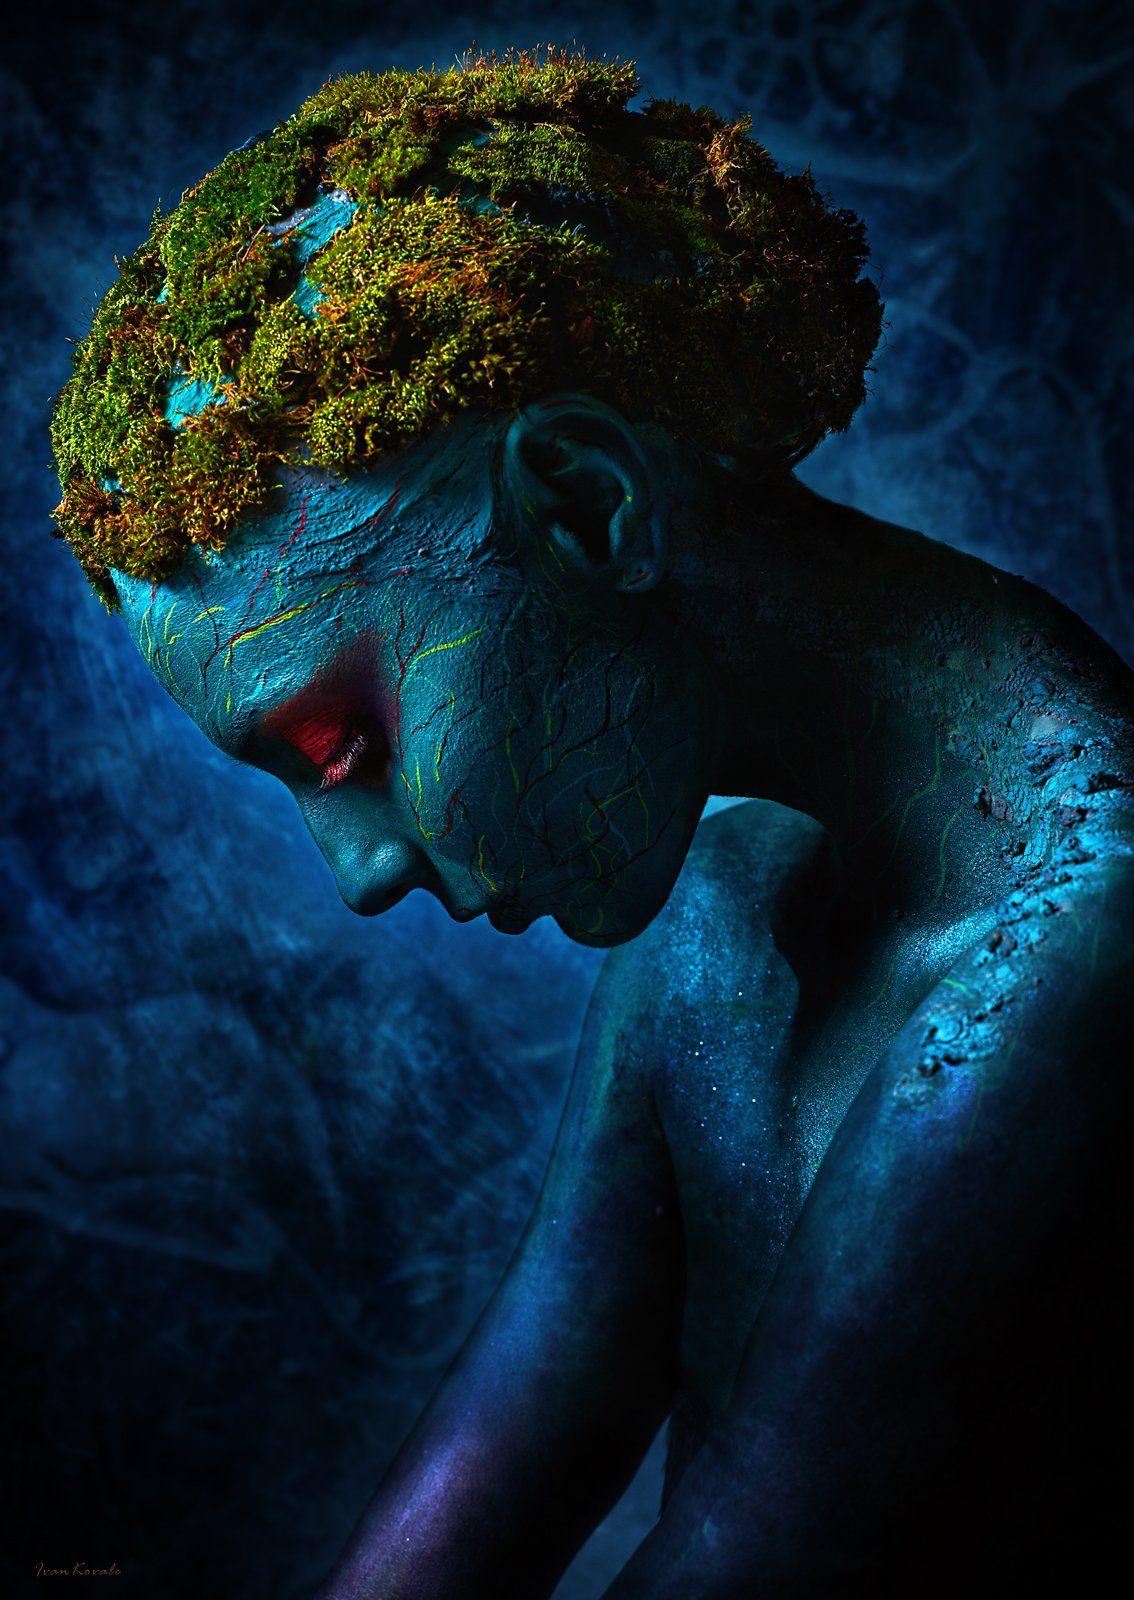 портрет, лицо, девушка, сад, молодость, разрушение, мох, природа, соединение, симбиоз, мир, планета, жизнь, Ковалёв Иван